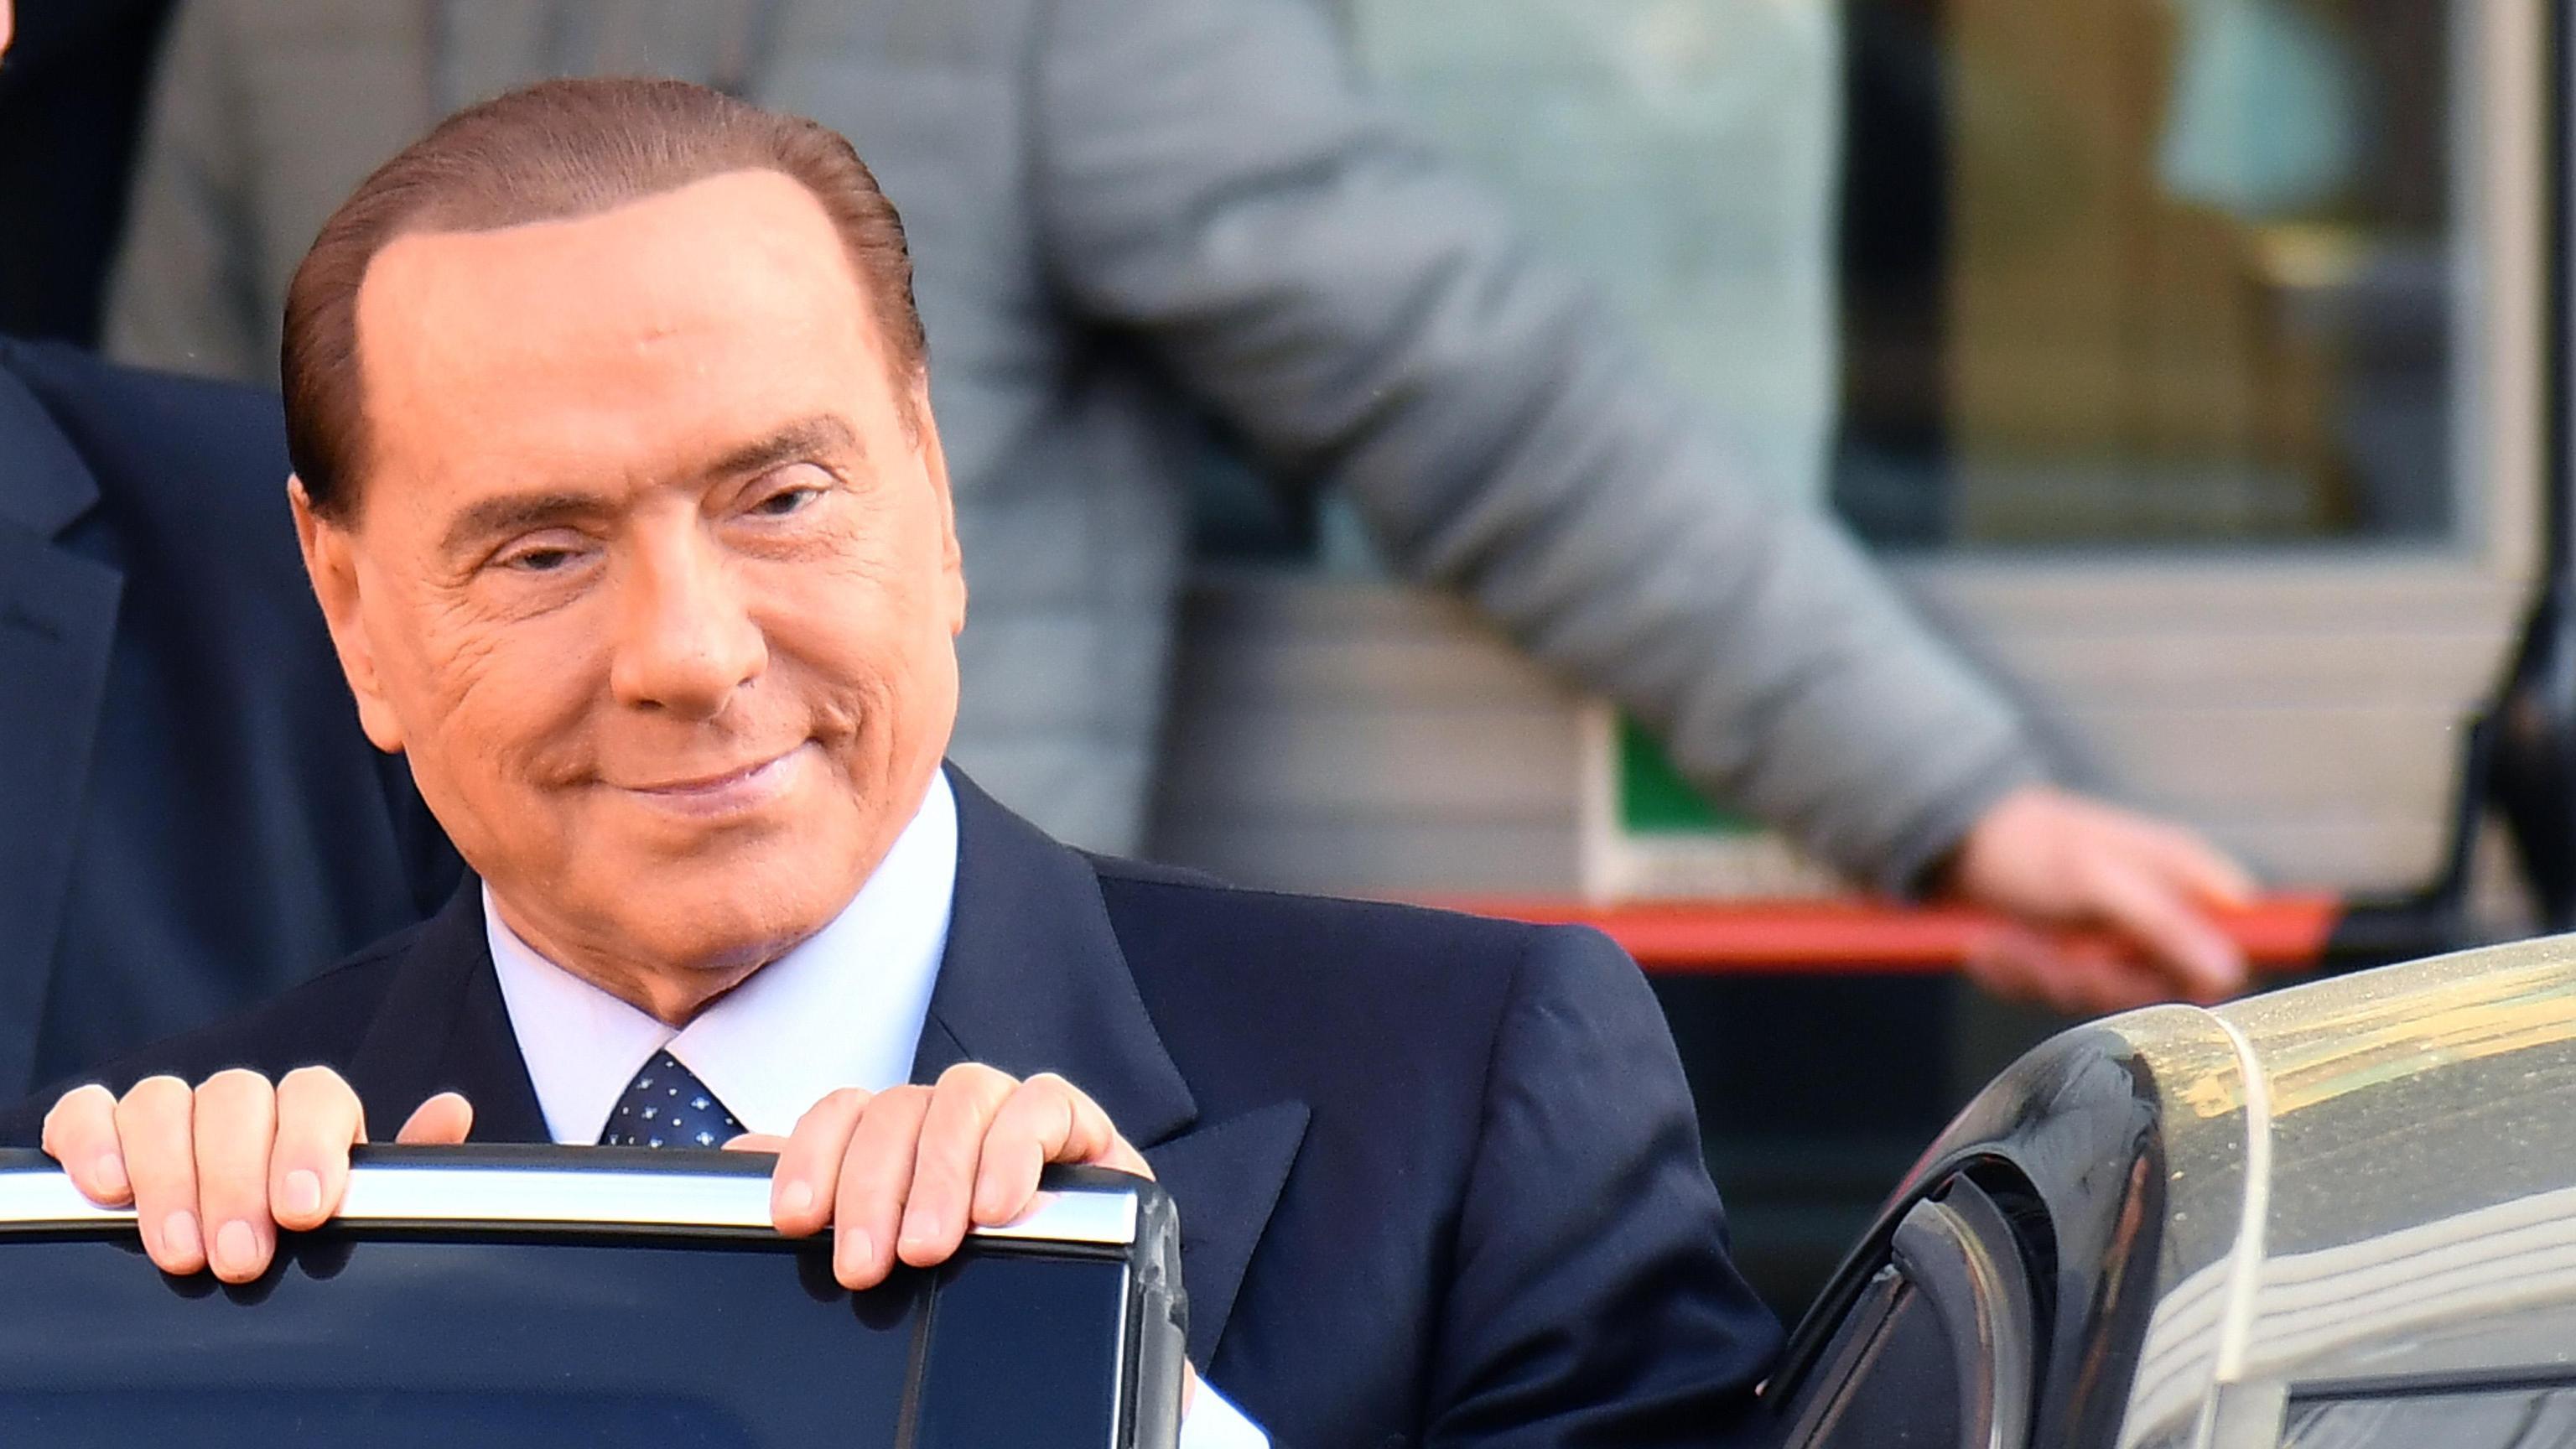 Cav, Renzi? Ci speravo, promessa mancata